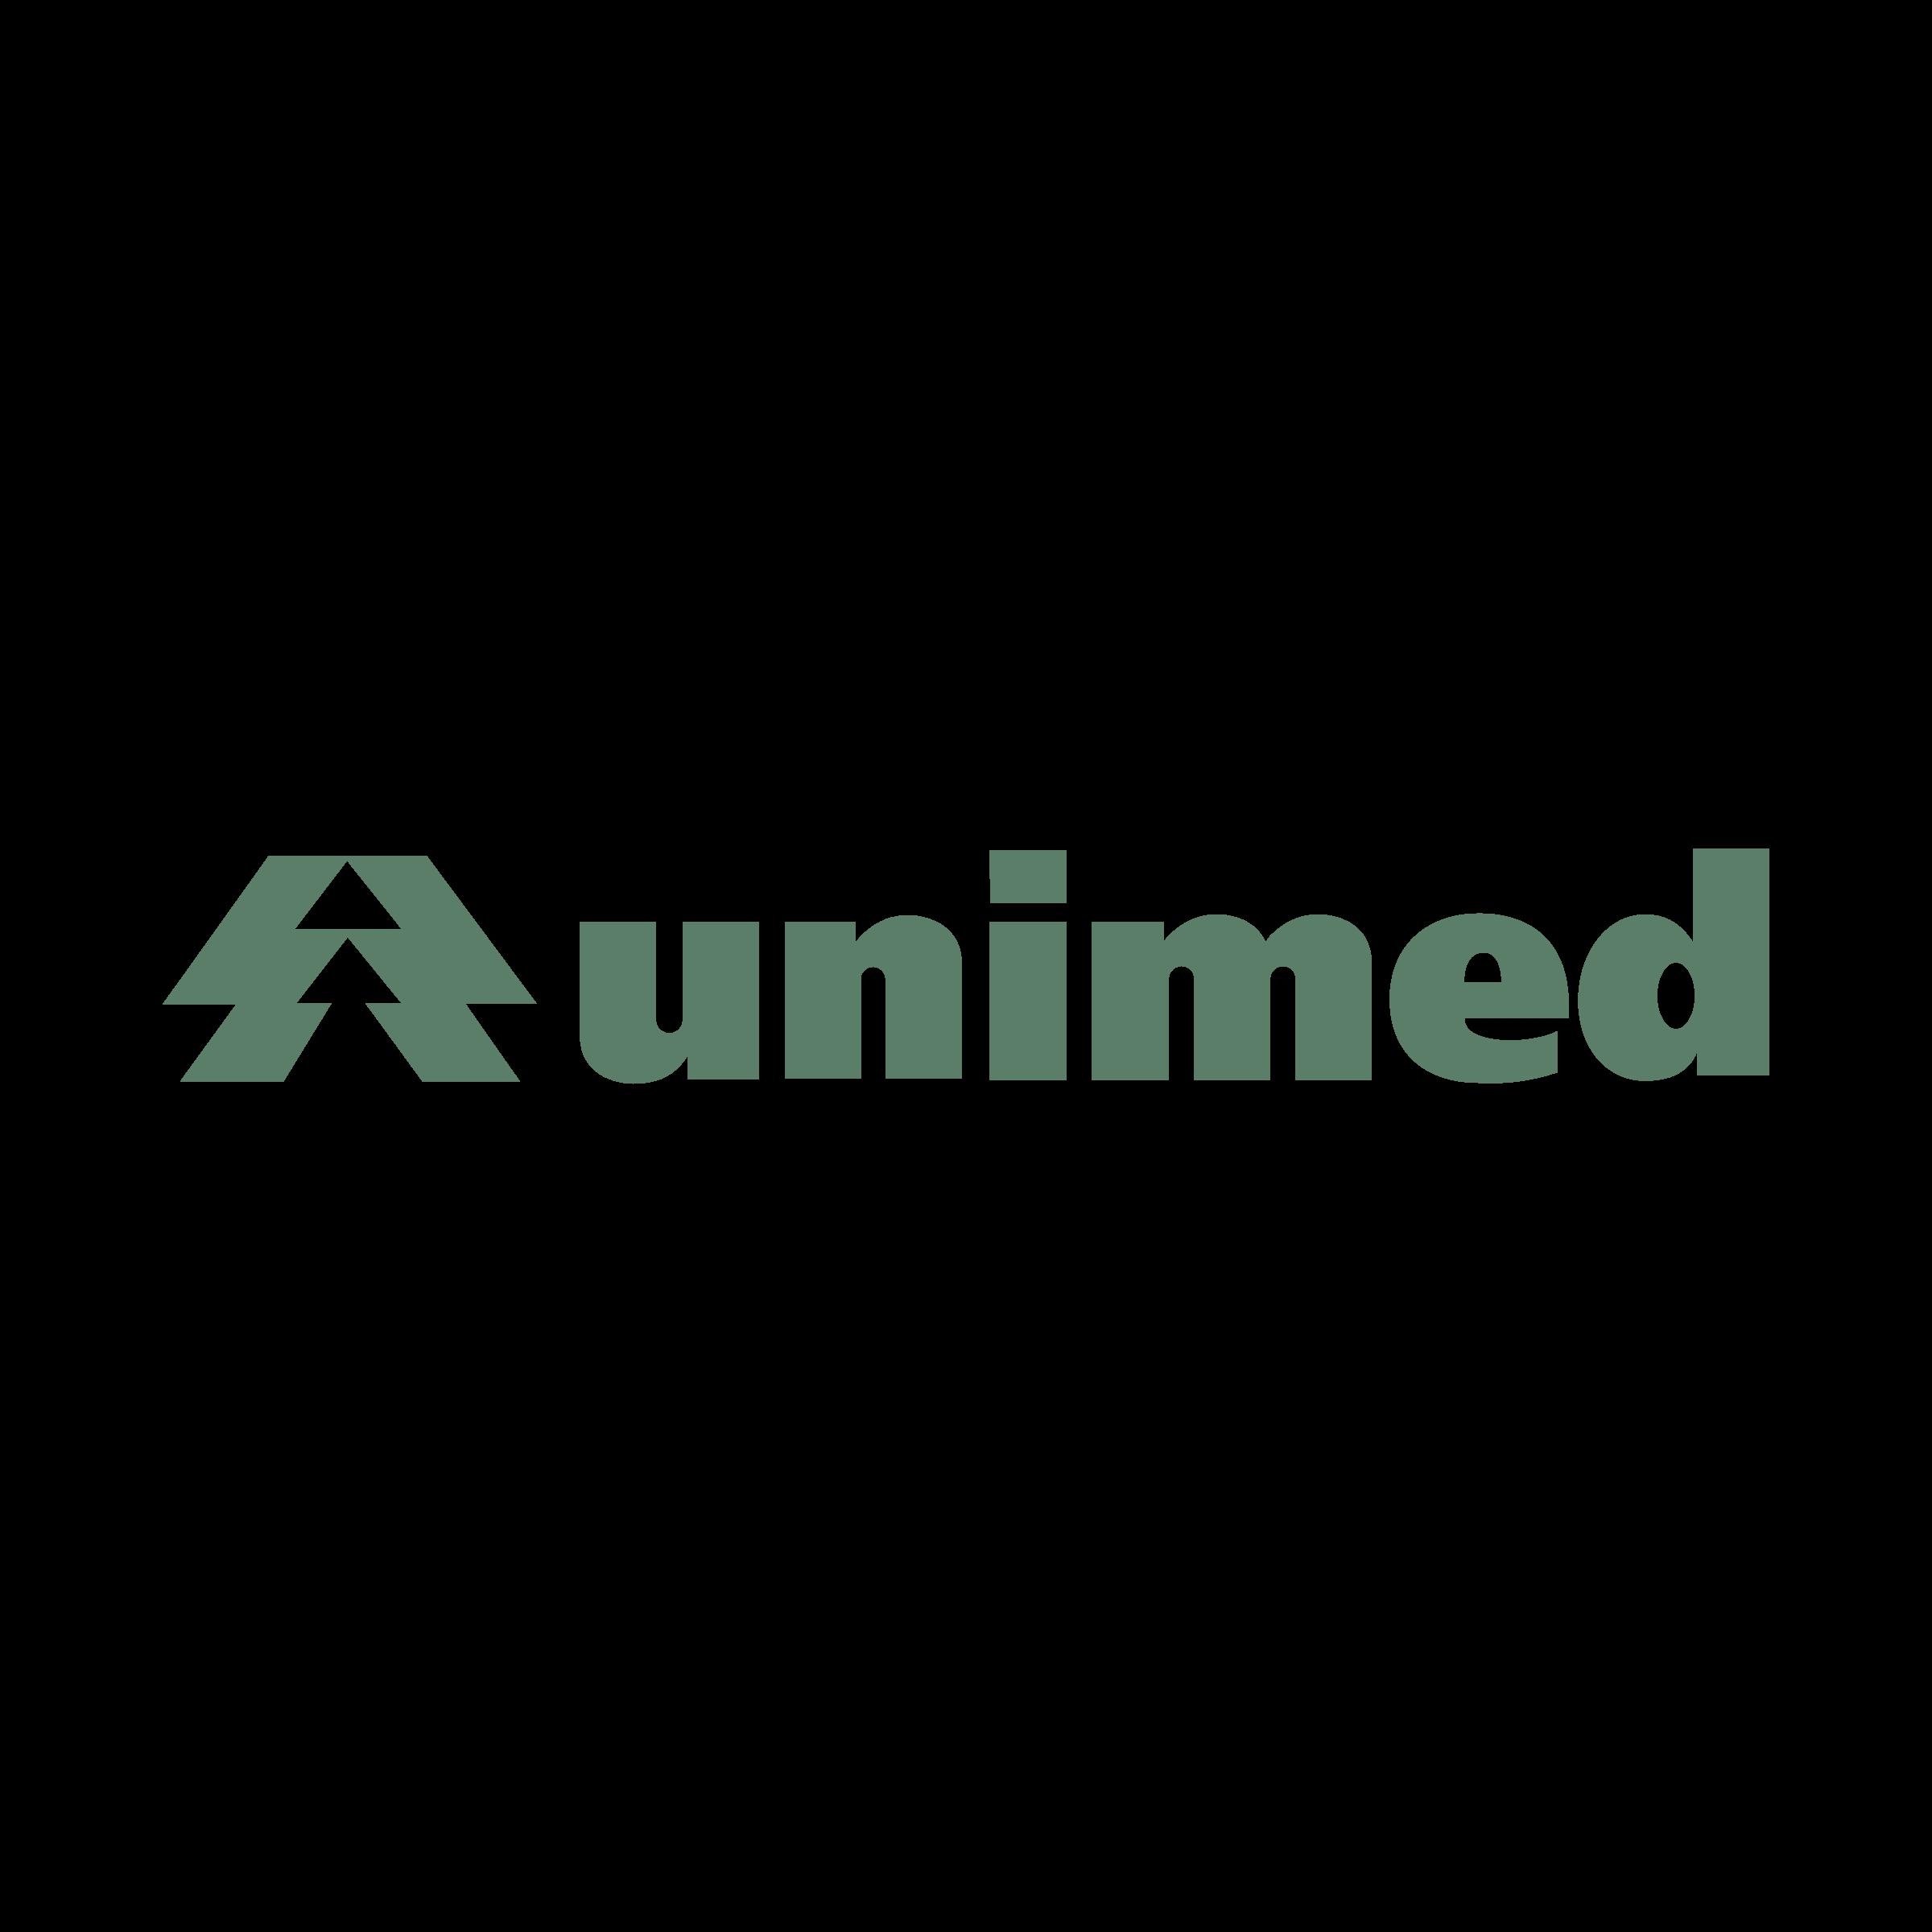 Unimed Logo PNG Transparent & SVG Vector.